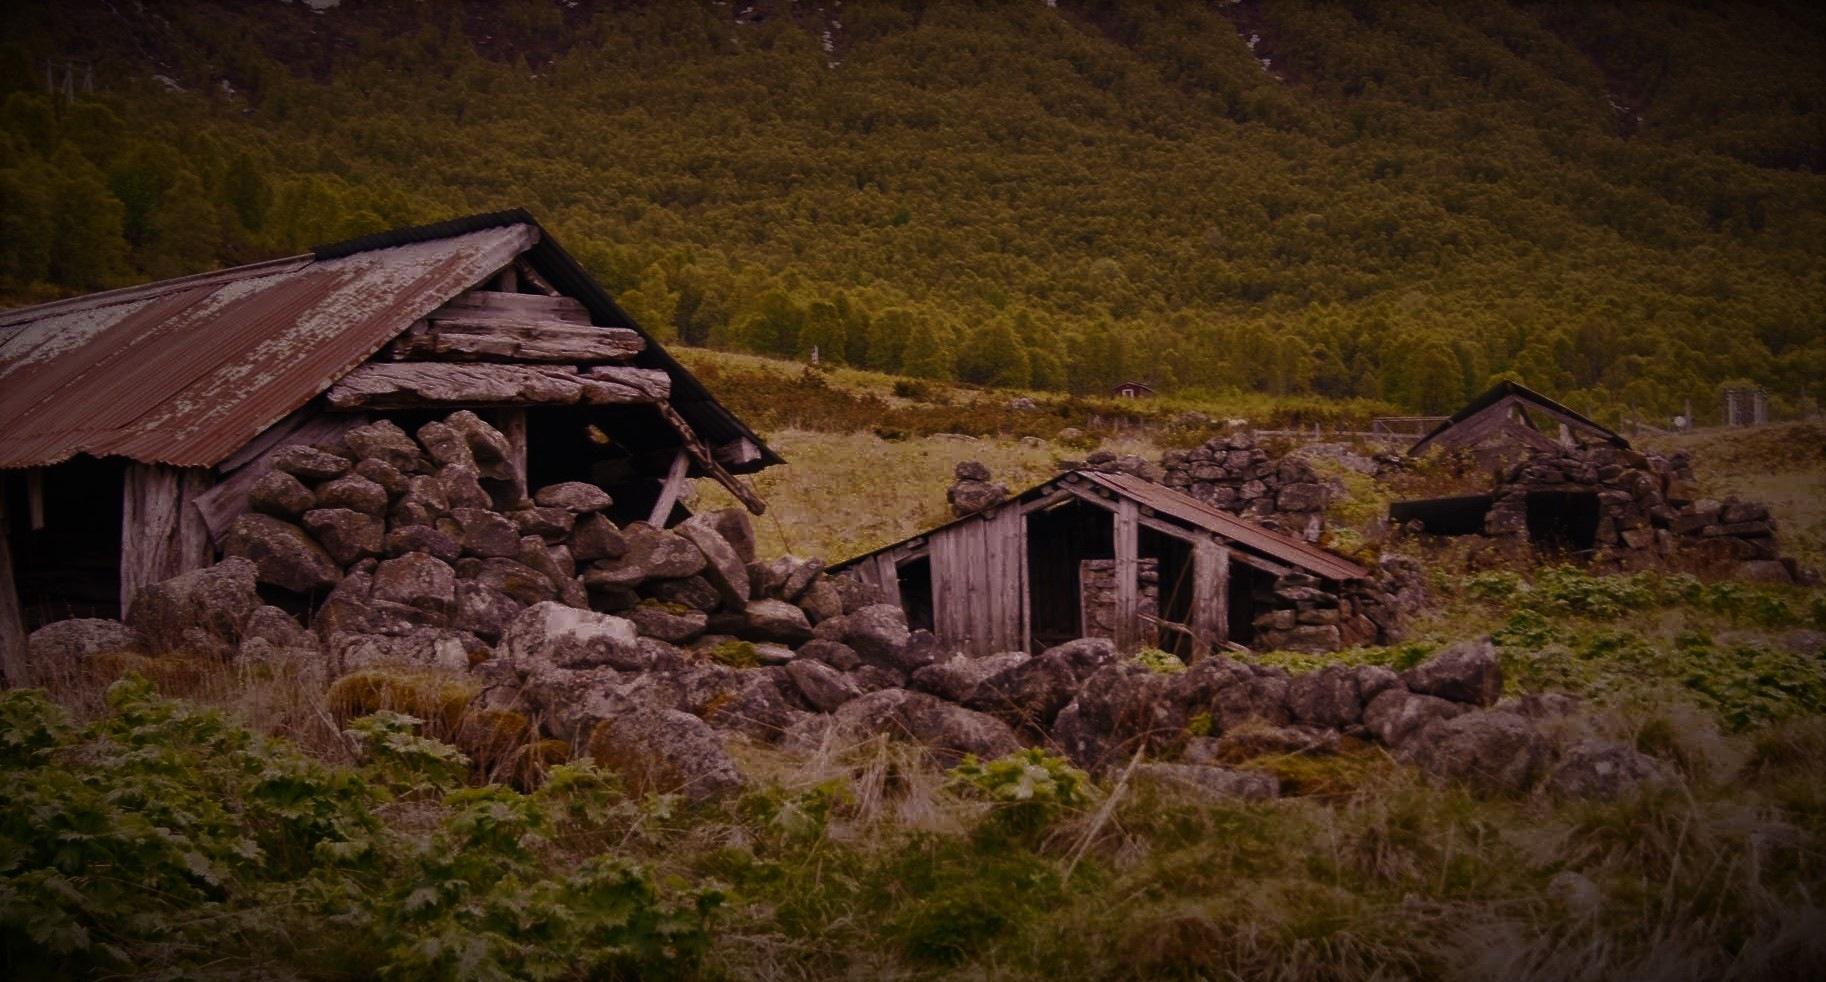 Memories of the past by Hege Konstance Hansen